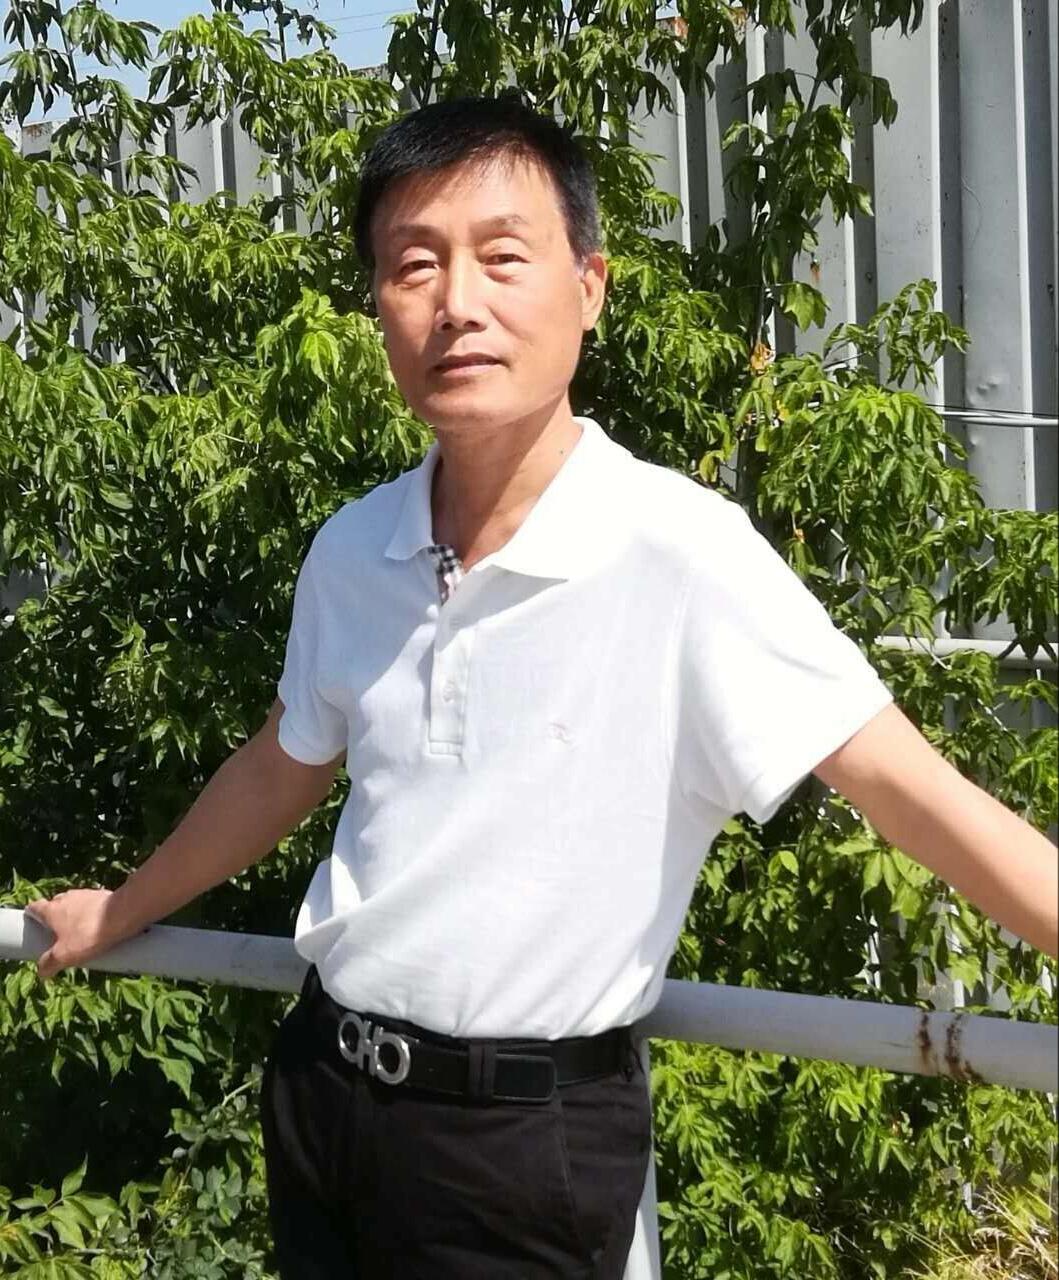 潘继东:台湾当局应珍惜和平统一机会